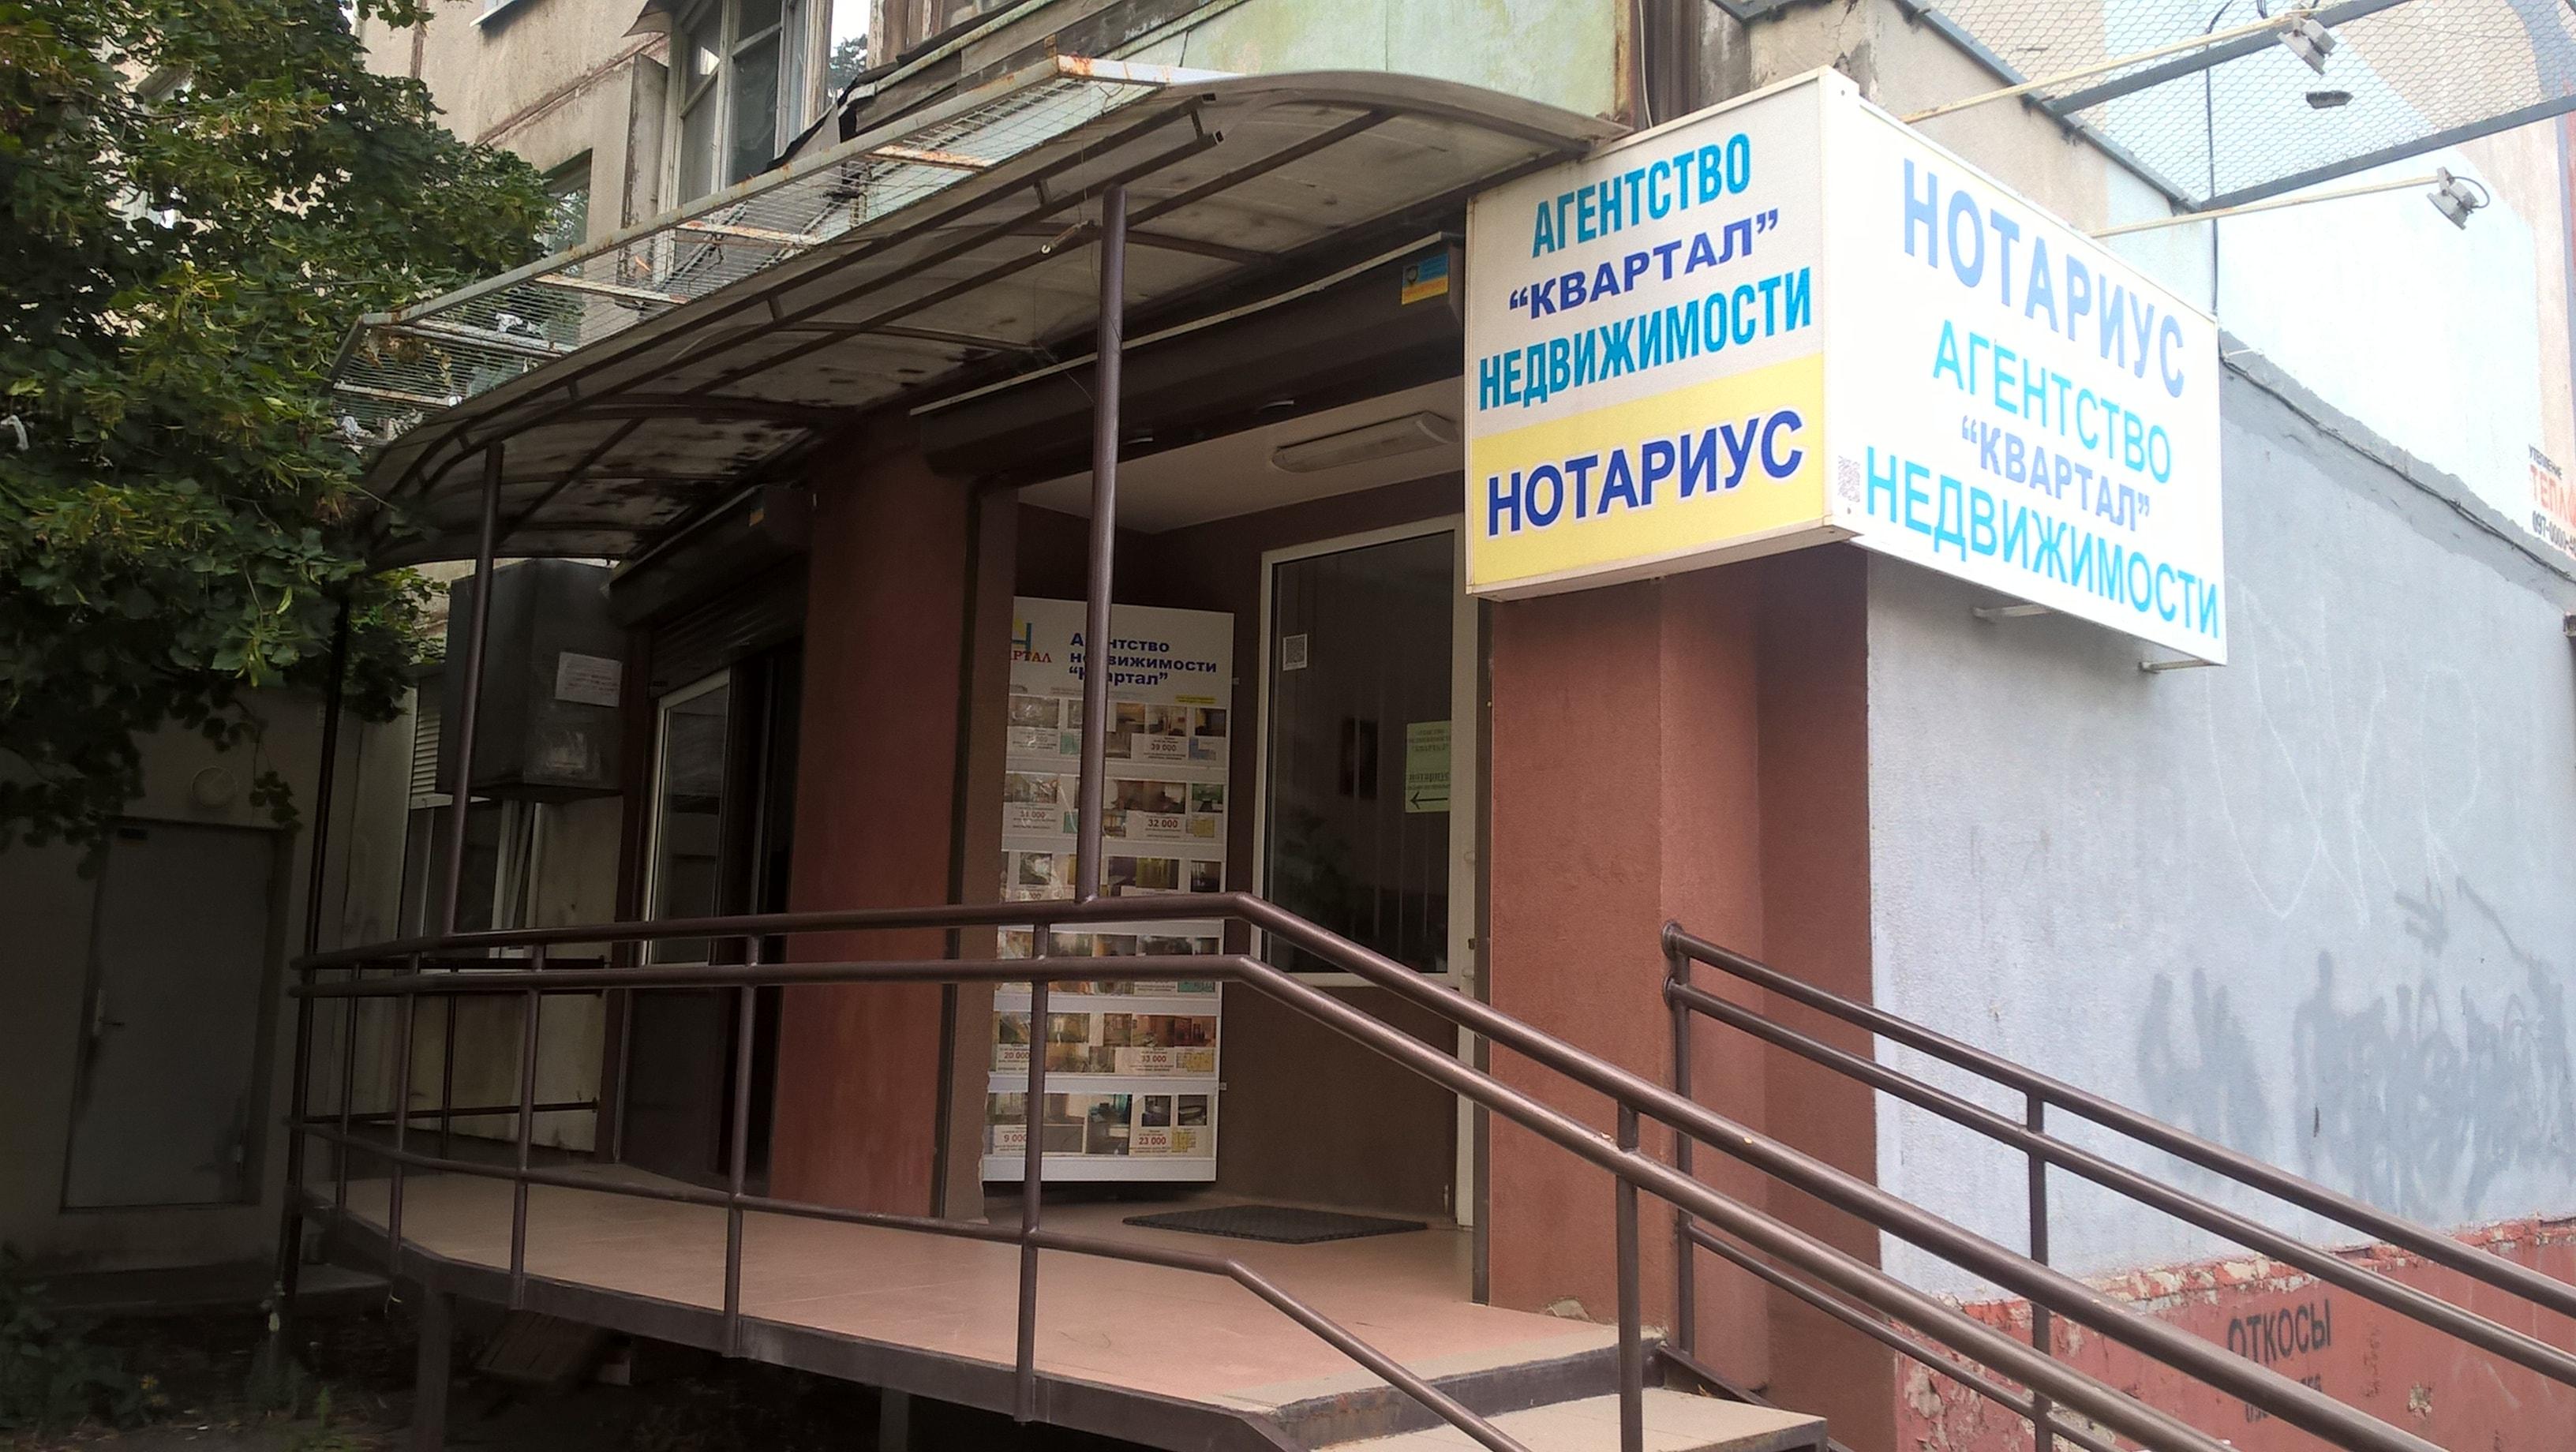 Агентство недвижимости Квартал на Салтовке (Салтовское Шоссе) (shosse)